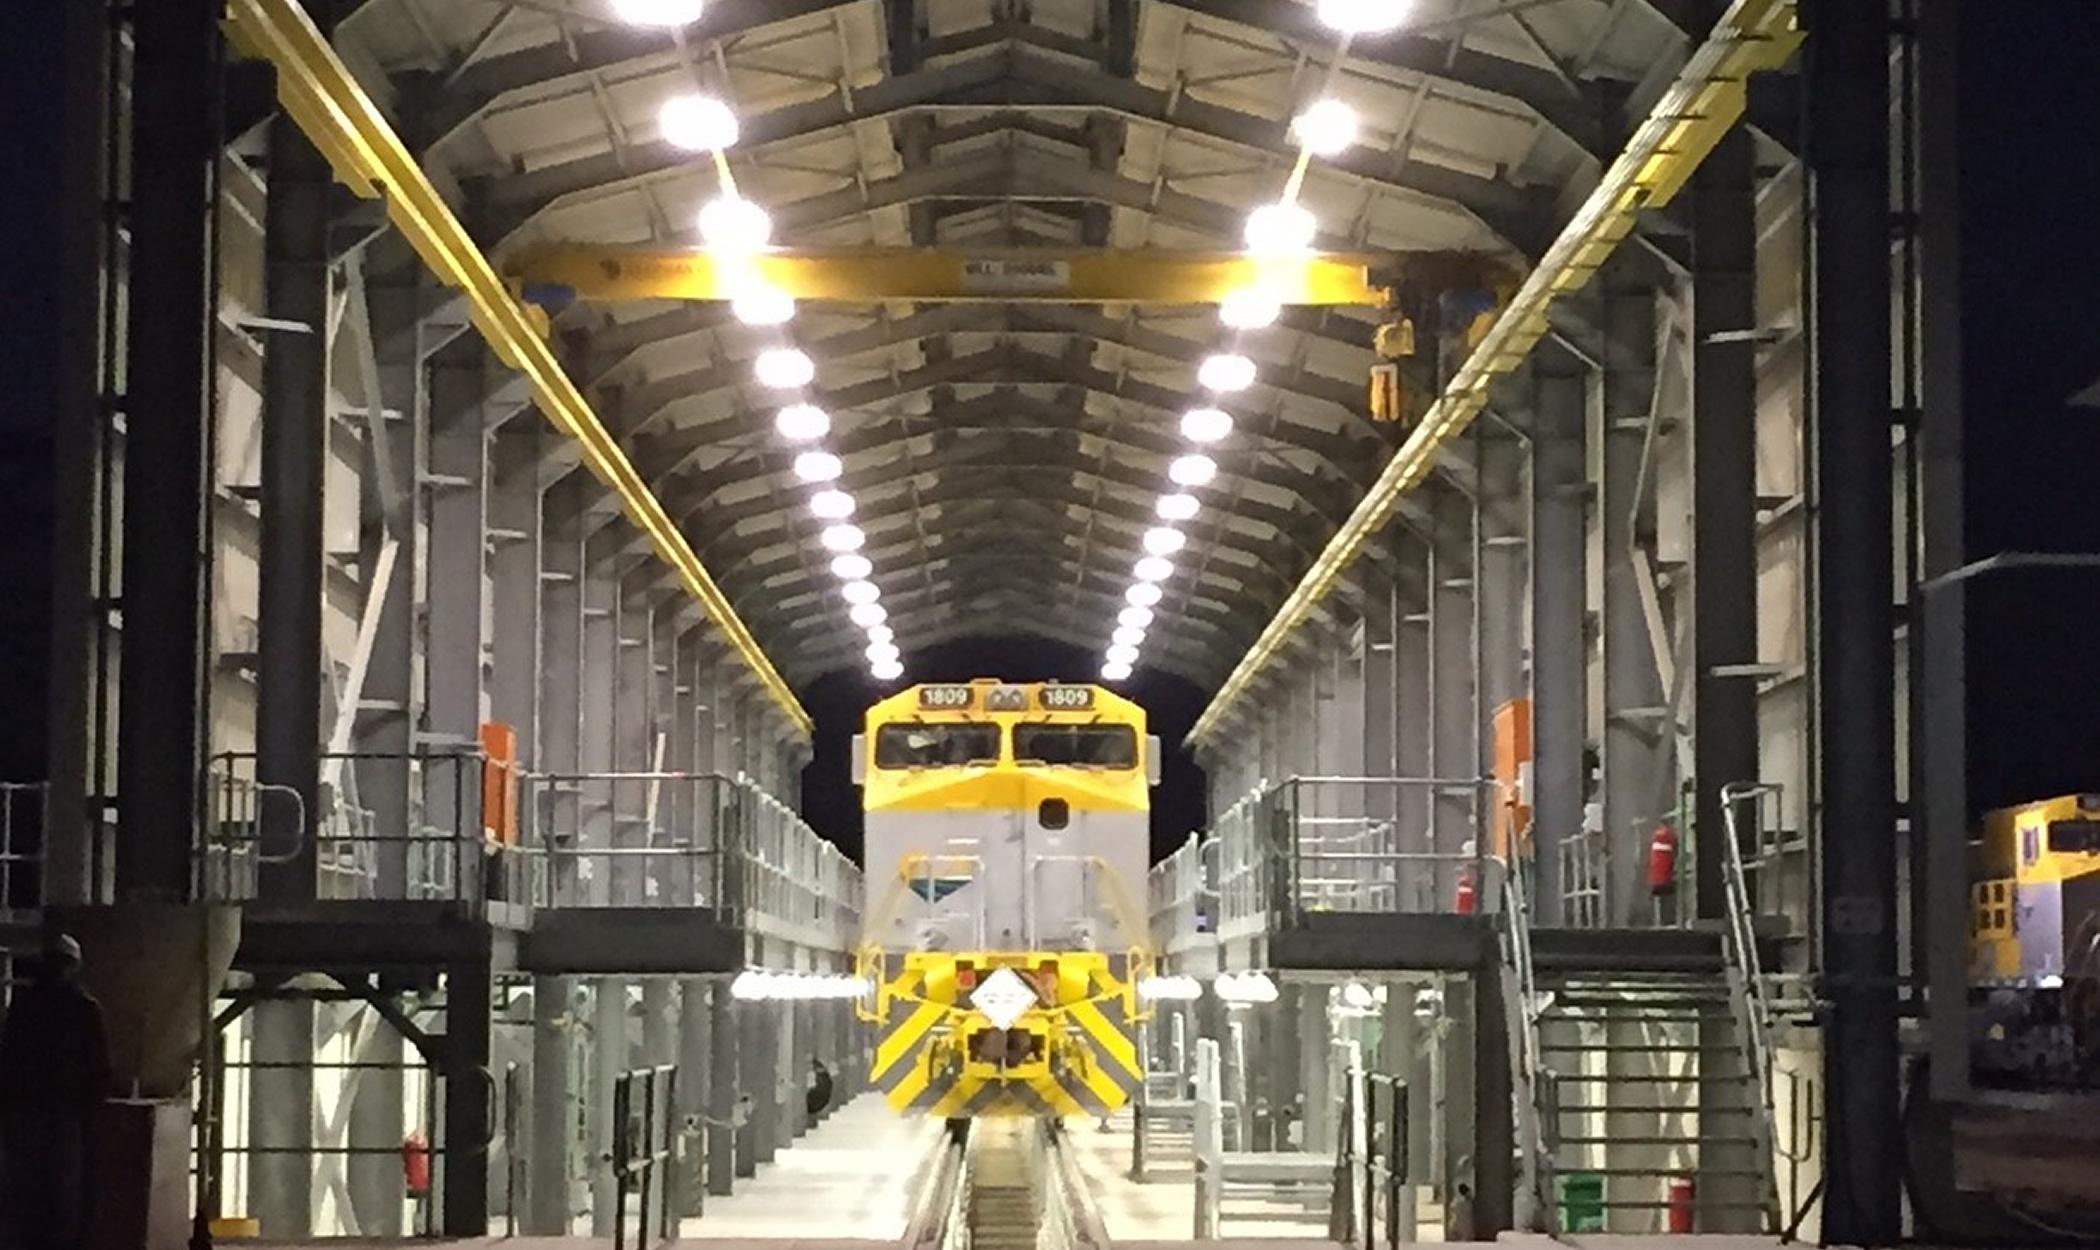 Oficinas de manutenção das locomotivas e vagões em Nacala